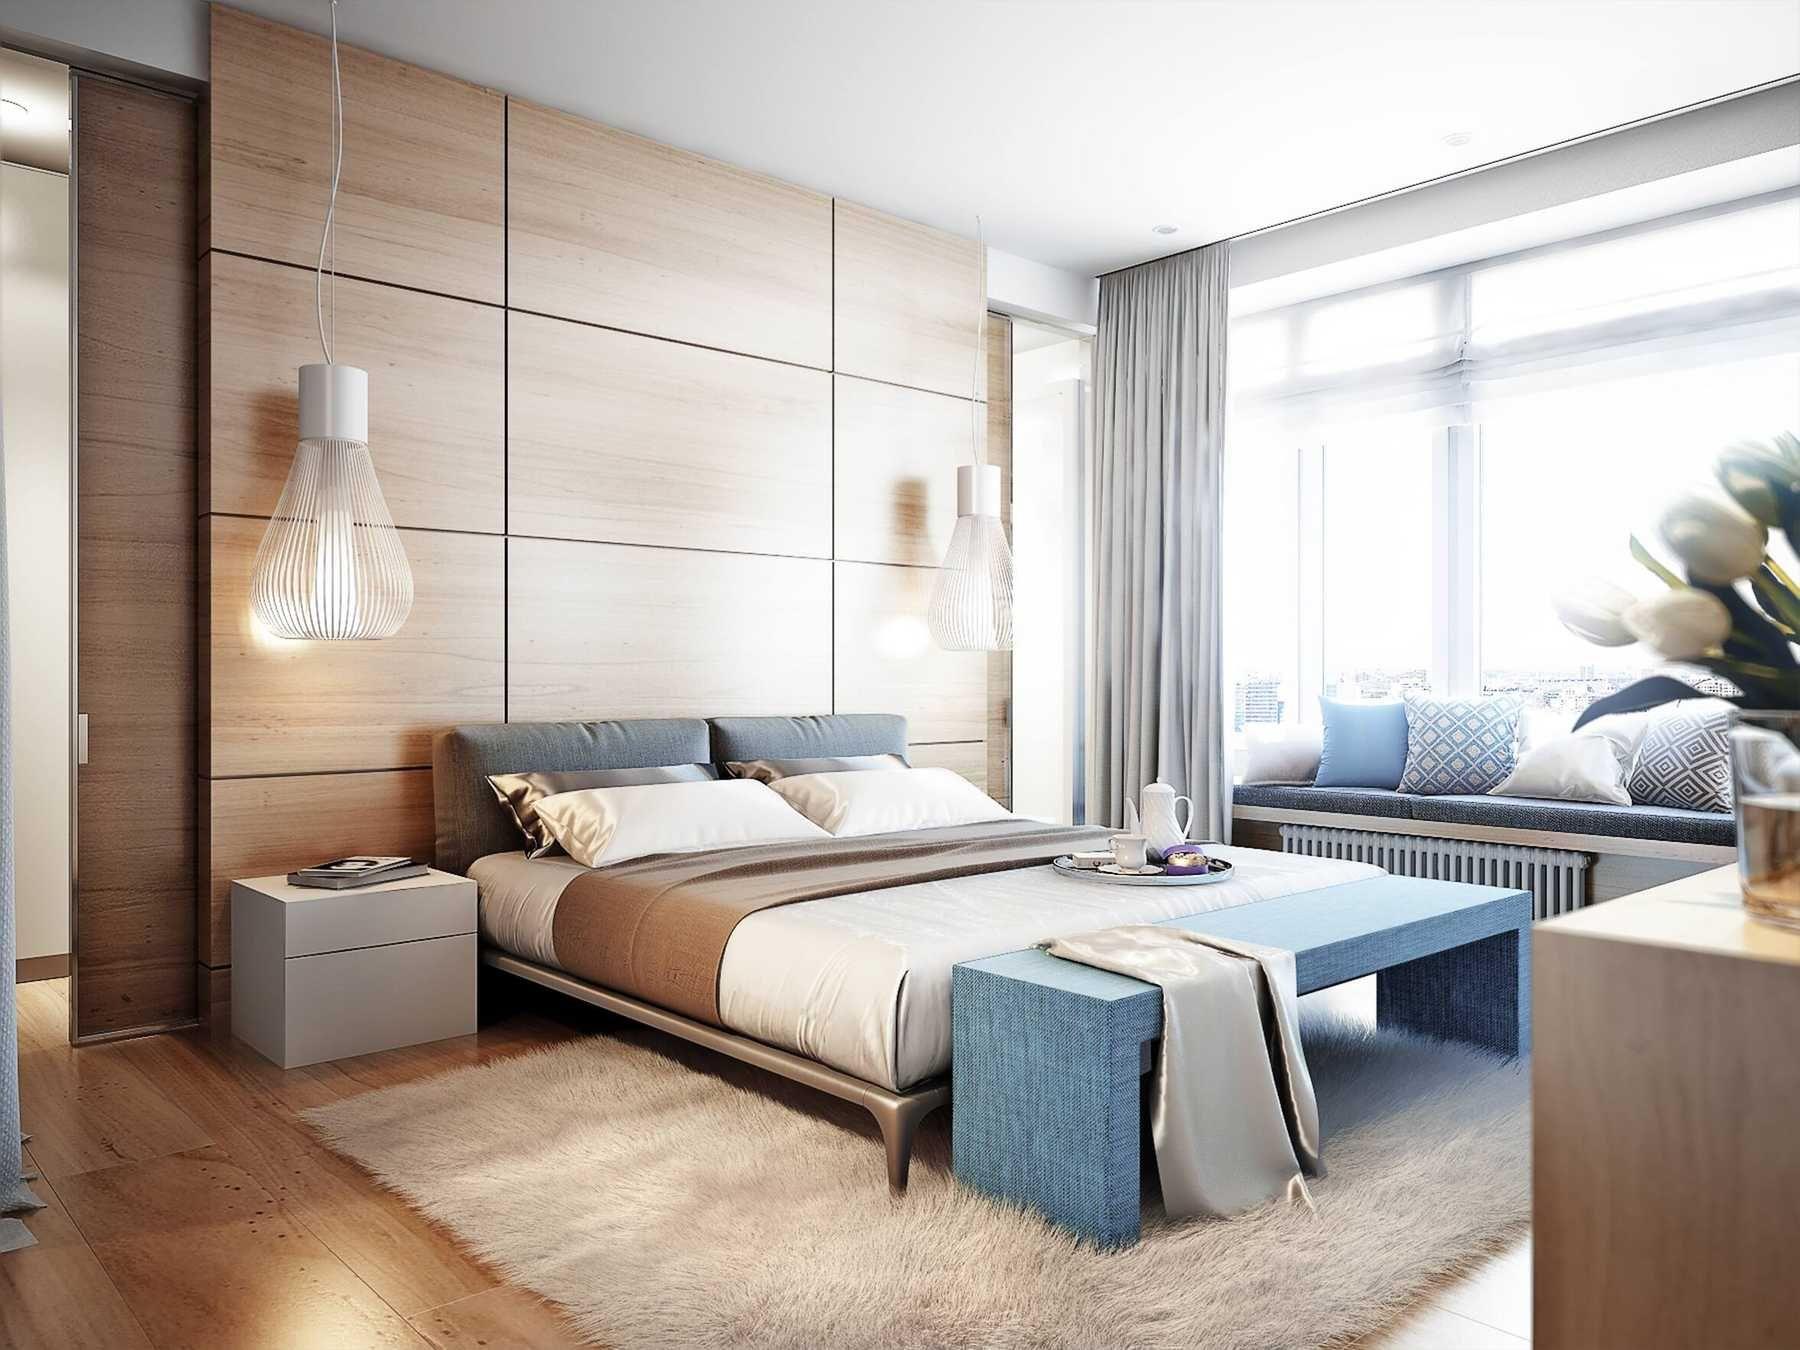 Bố trí phòng ngủ không gian thoáng đãng